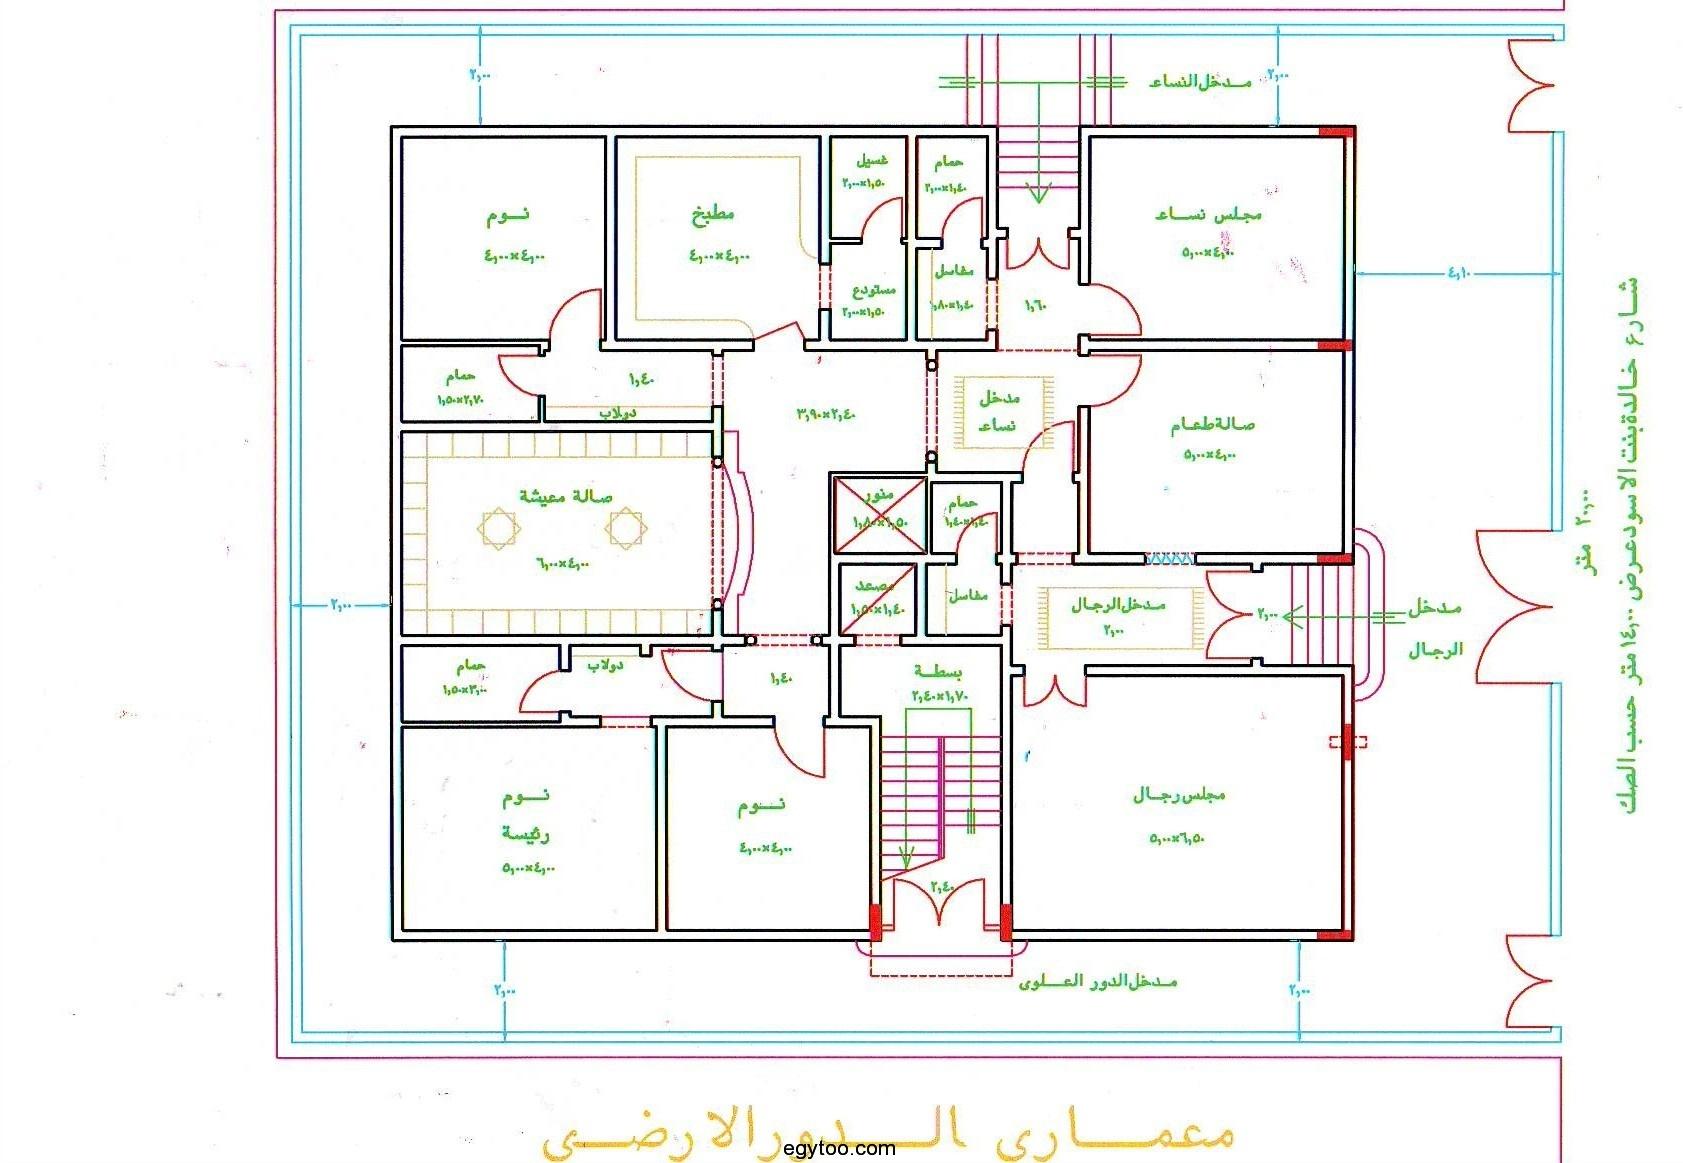 بالصور اجمل خرائط بيوت 20160807 1118